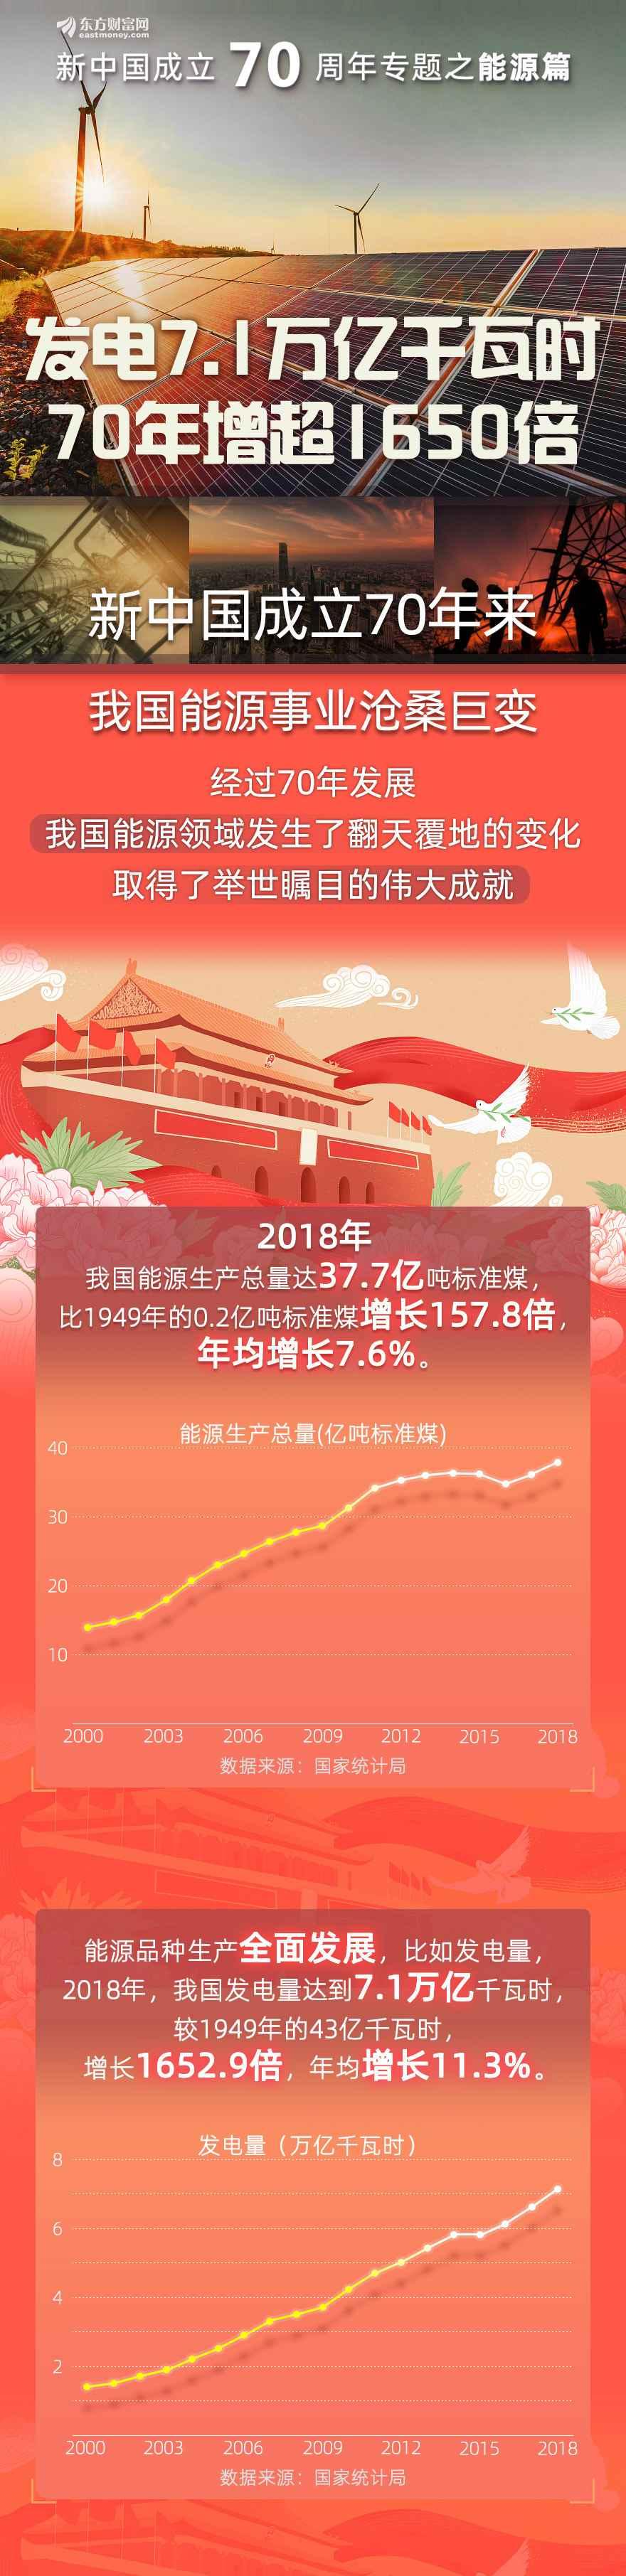 图解新中国成立70周年:发电量70年增超1650倍